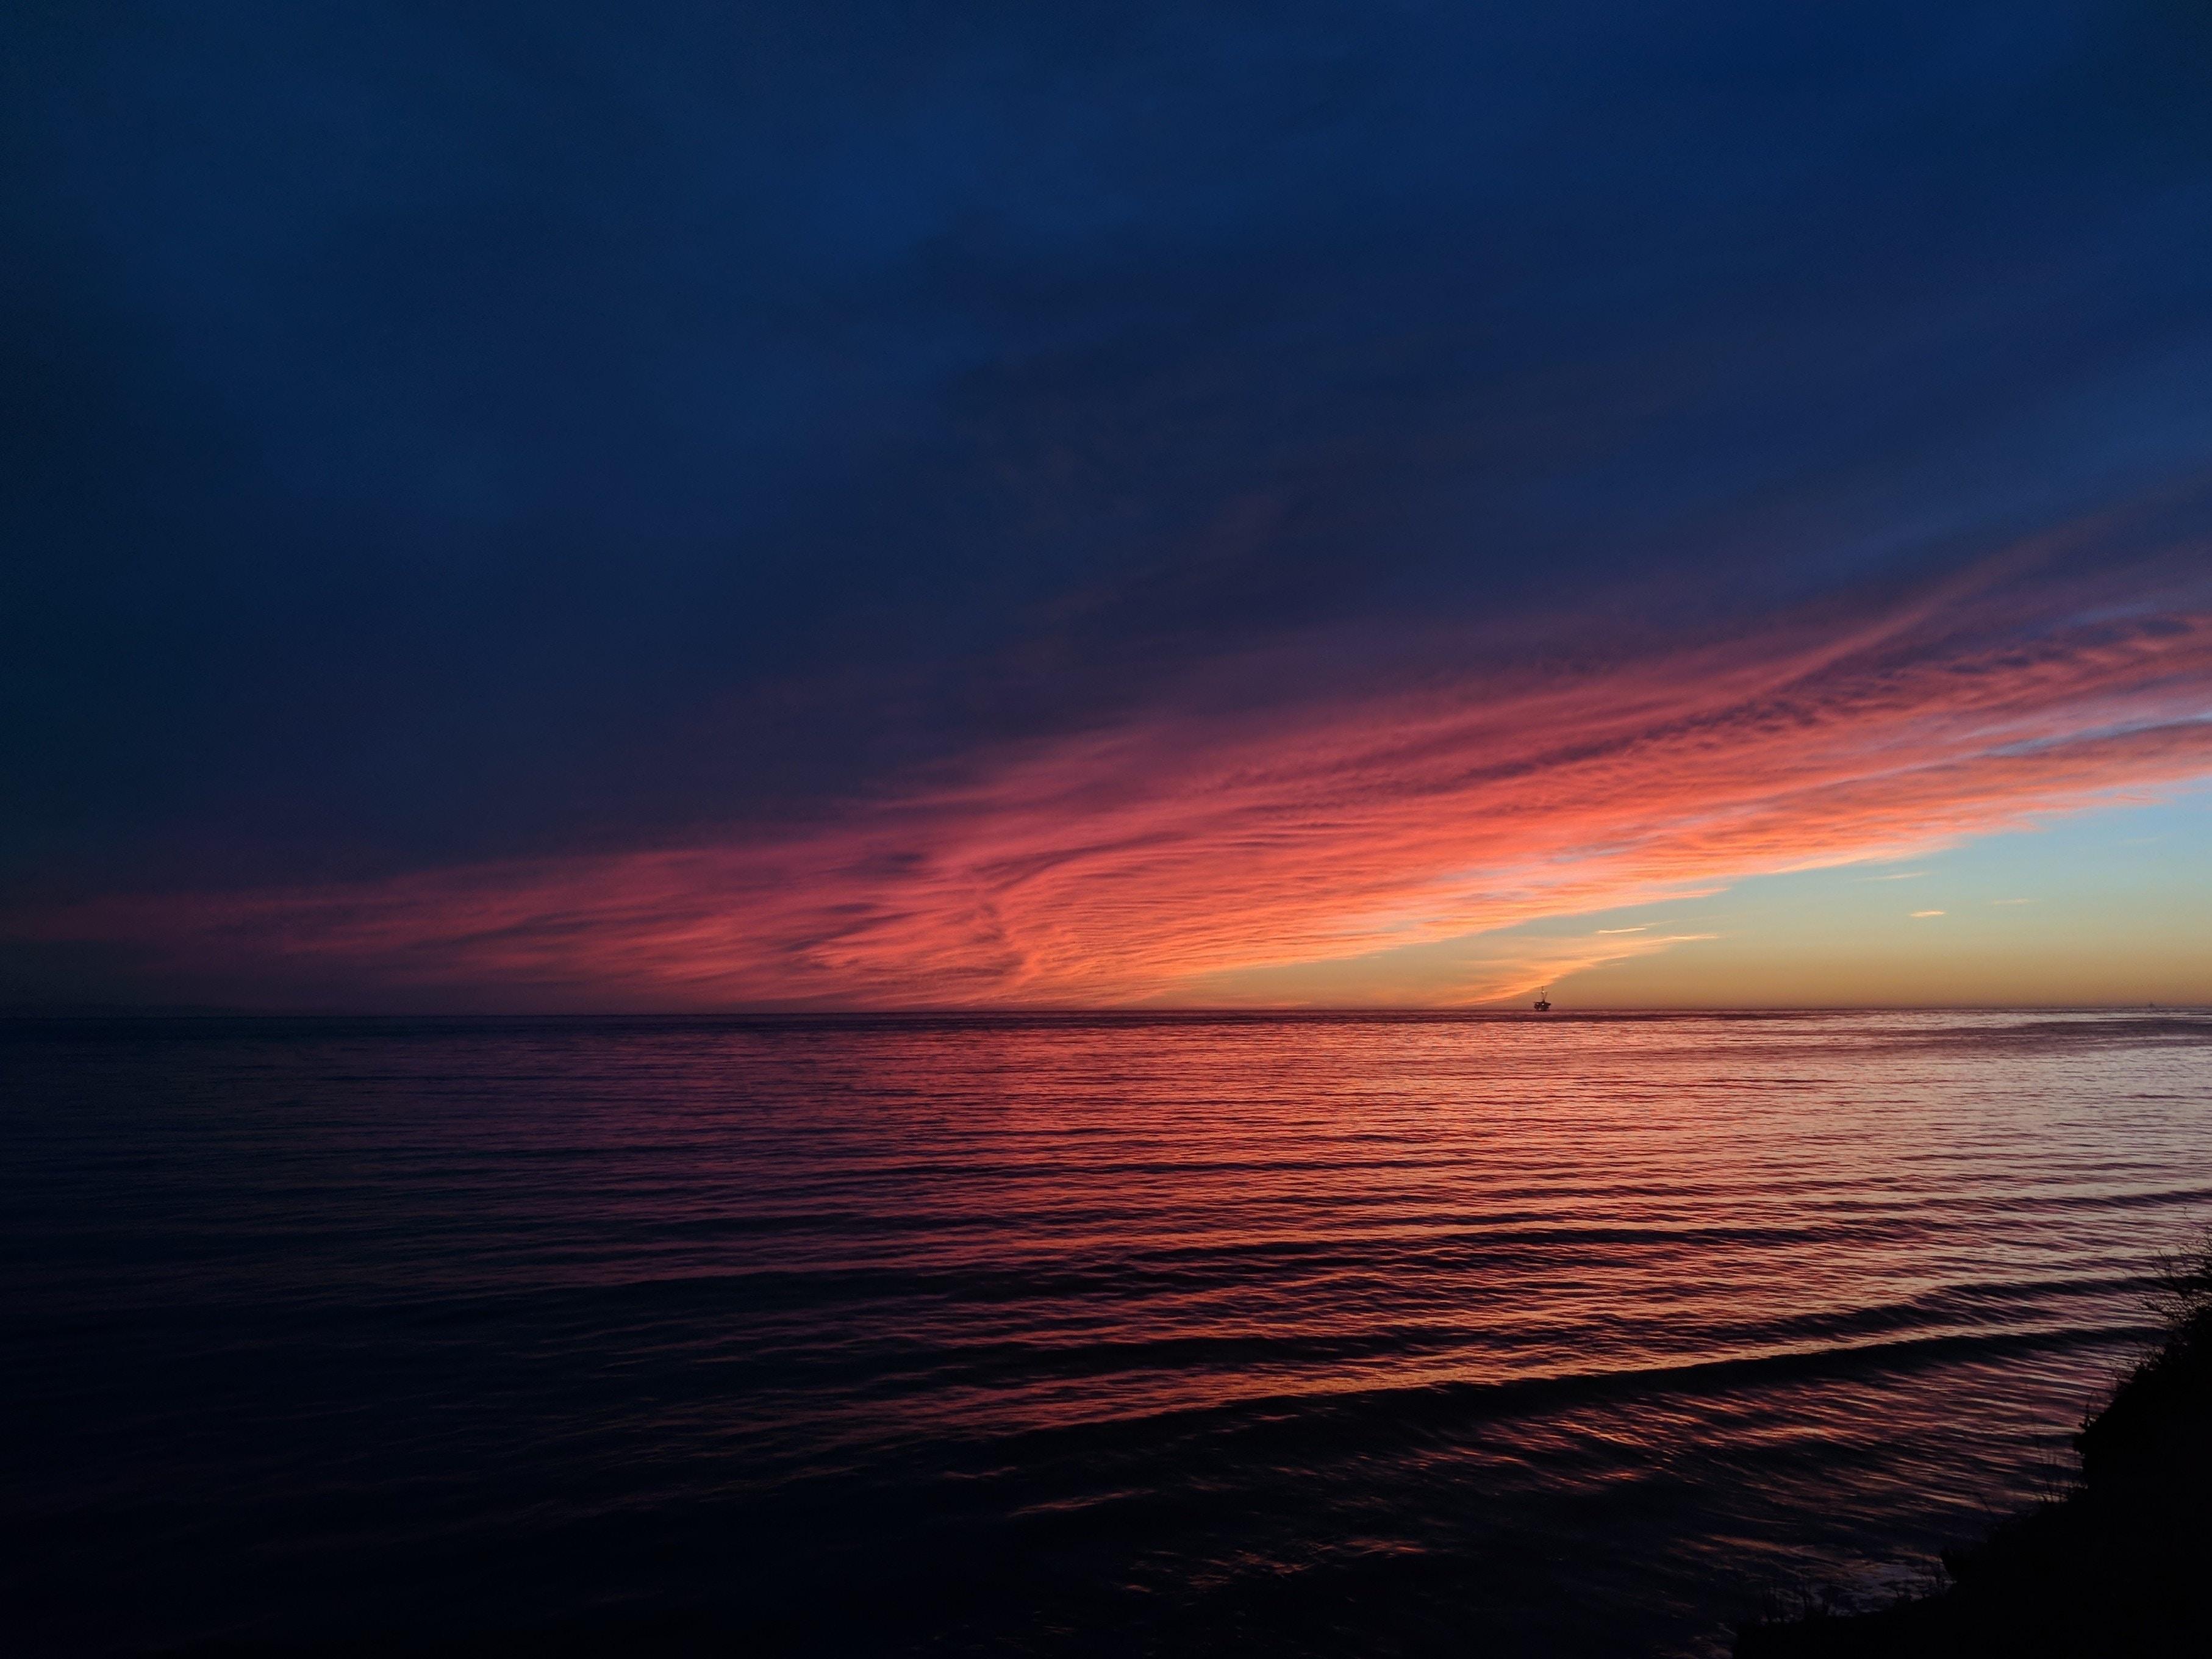 sunset over an ocean